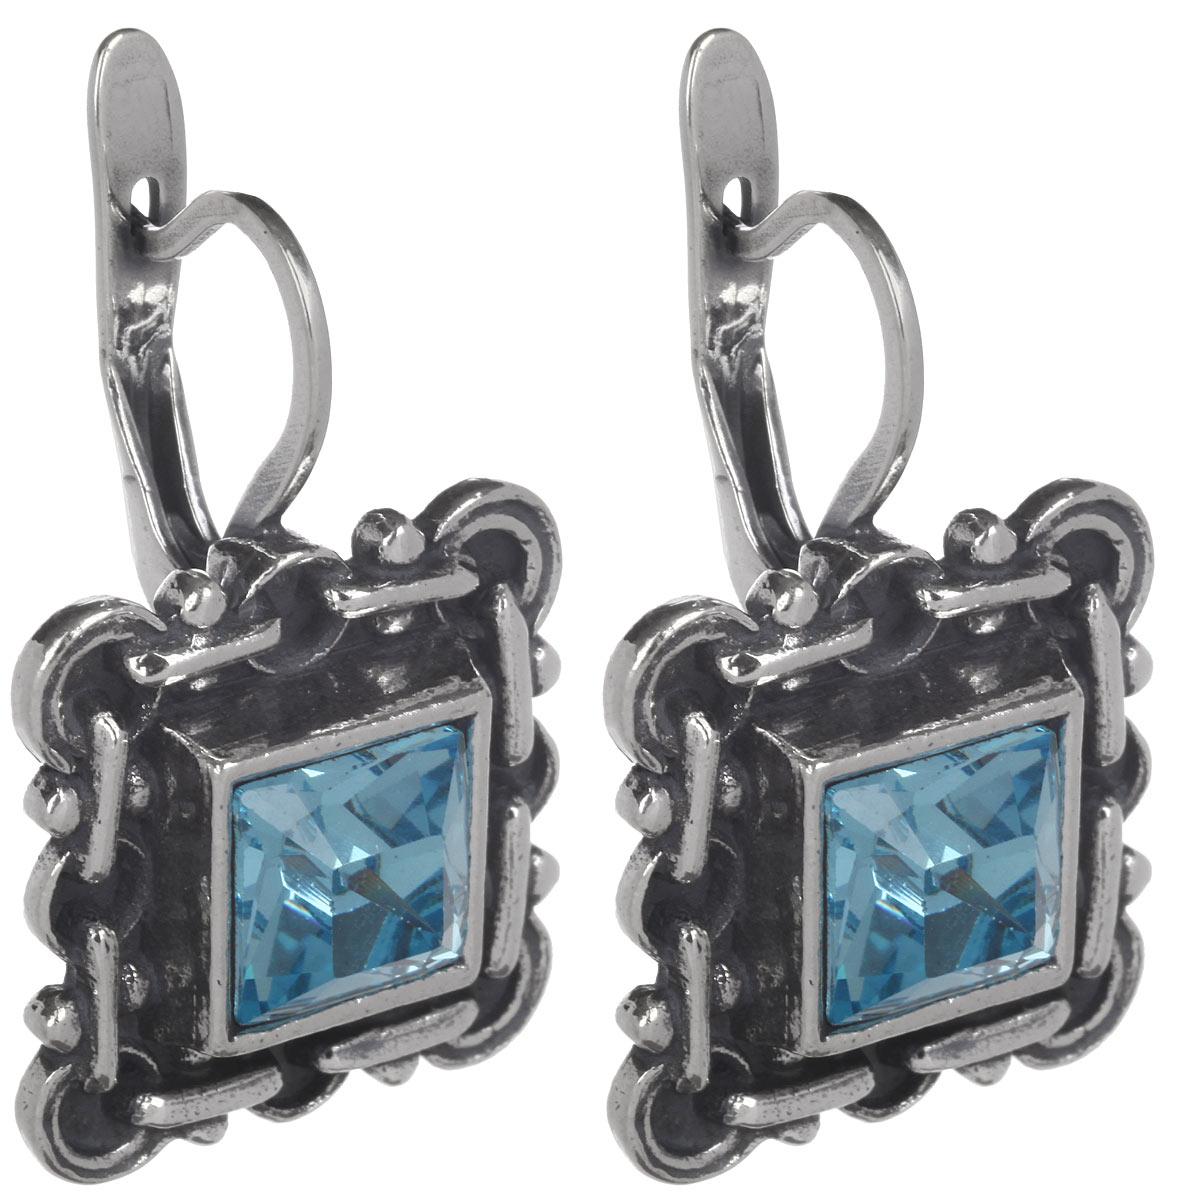 Серьги Jenavi Меган, цвет: серебряный, голубой. h0493140h0493140Стильные серьги Jenavi Меган выполнены в виде ажурной основы квадратной формы из ювелирного сплава, которая дополнена кристаллами Swarovski. В качестве основания используется классический английский замок, который надежно зафиксирует сережку. Оригинальные серьги Jenavi Меган помогут дополнить любой образ и привнести в него завершающий яркий штрих.